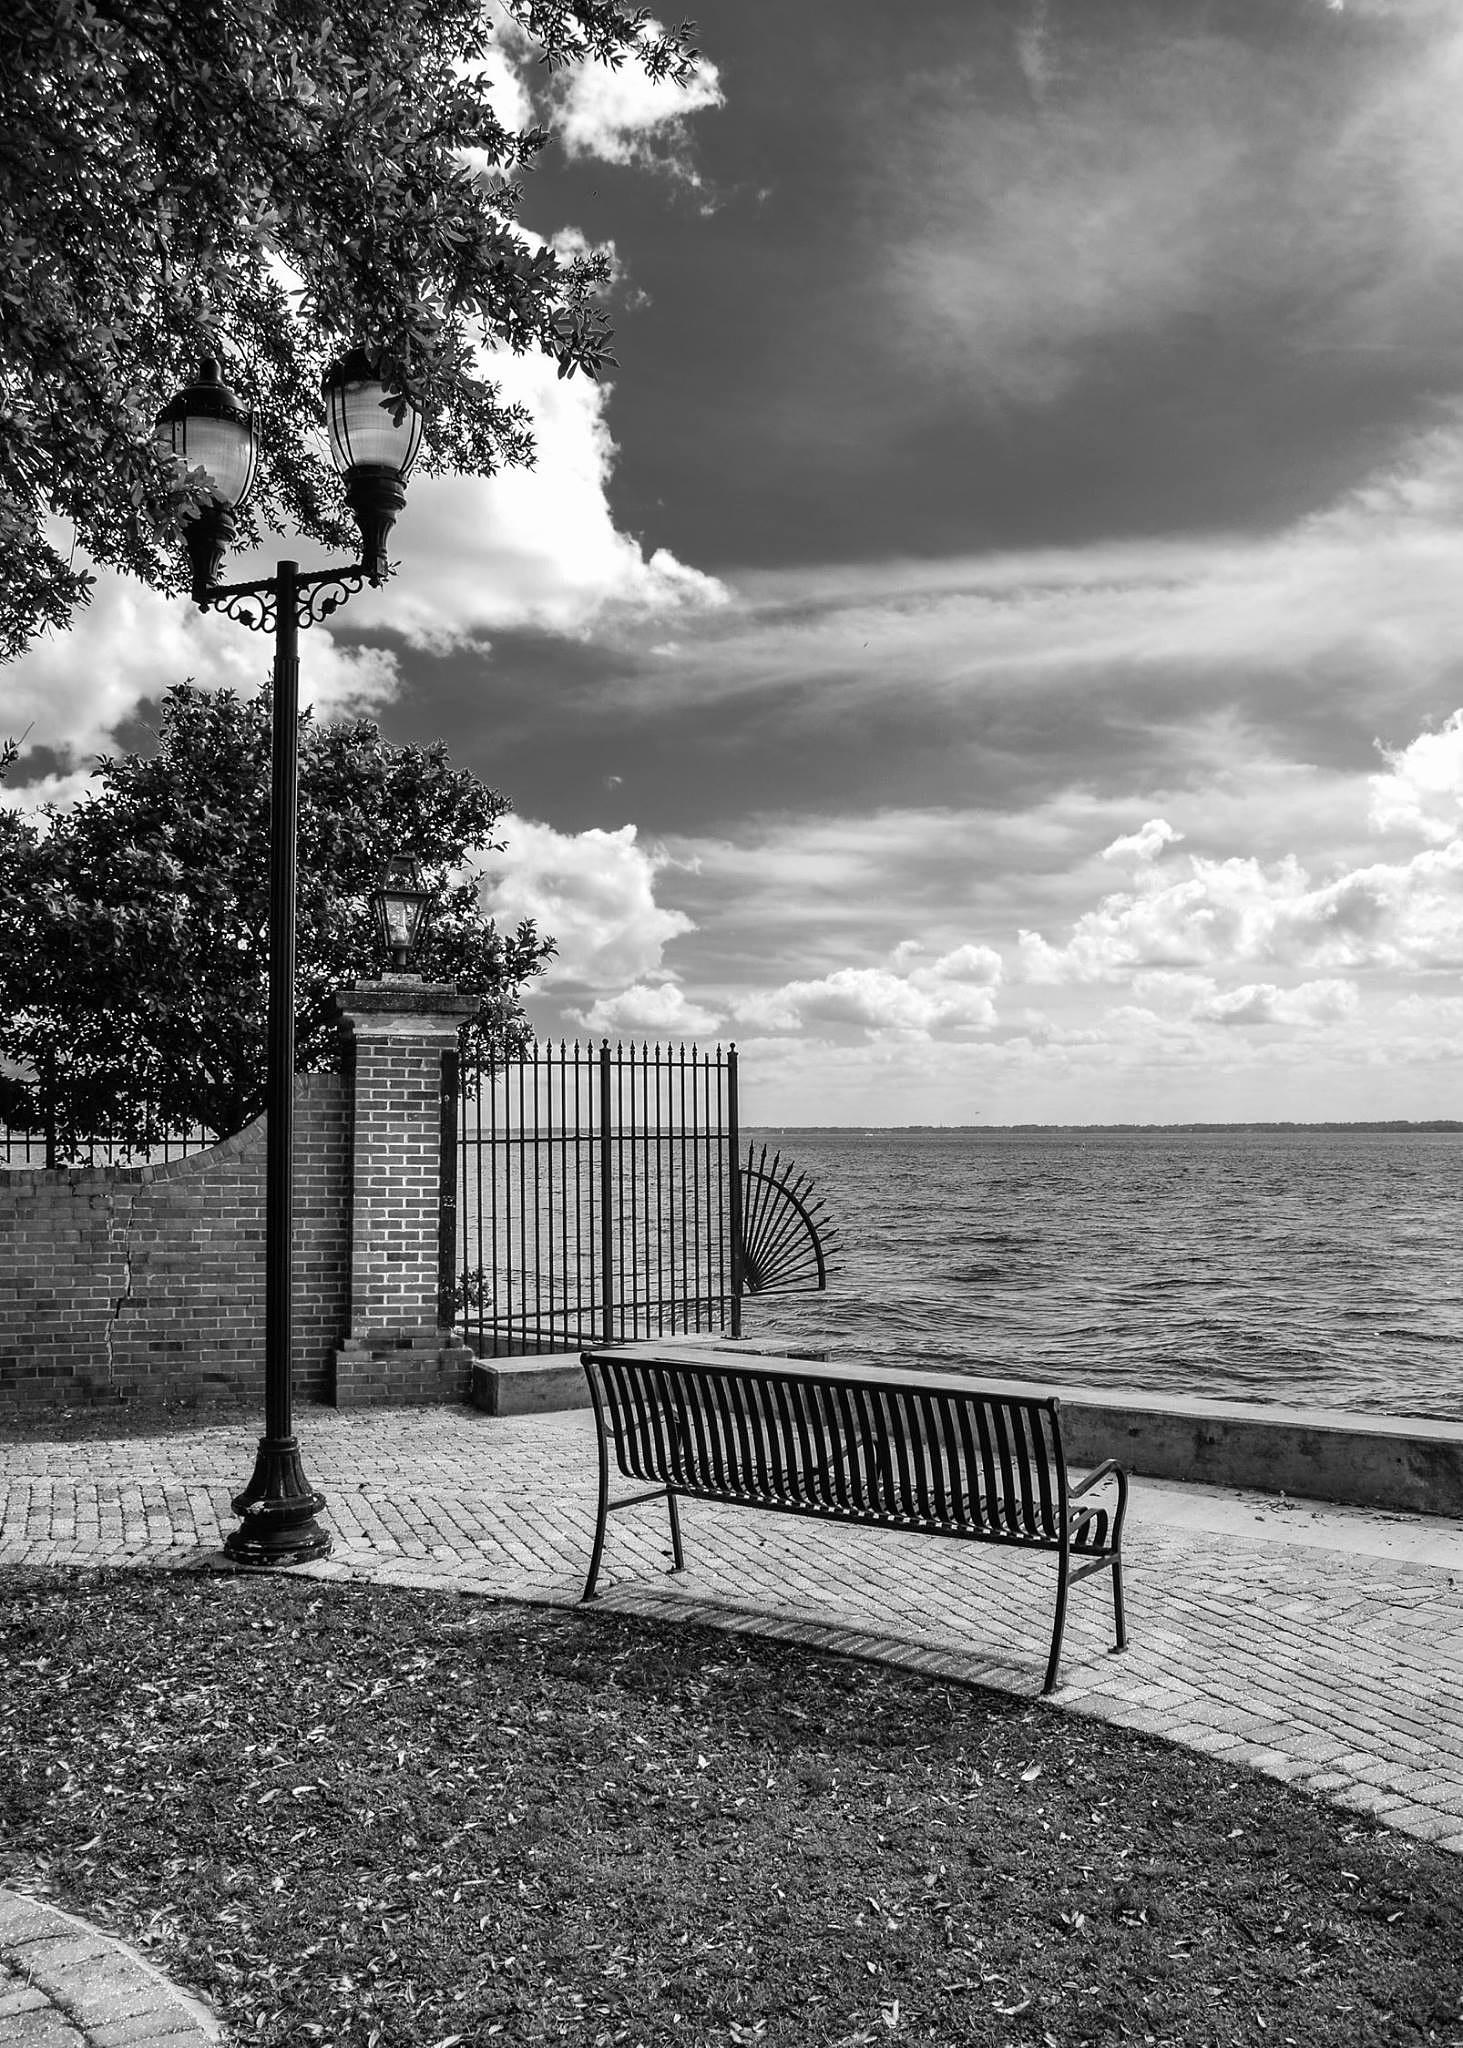 A quiet place. by Steve Ducharme